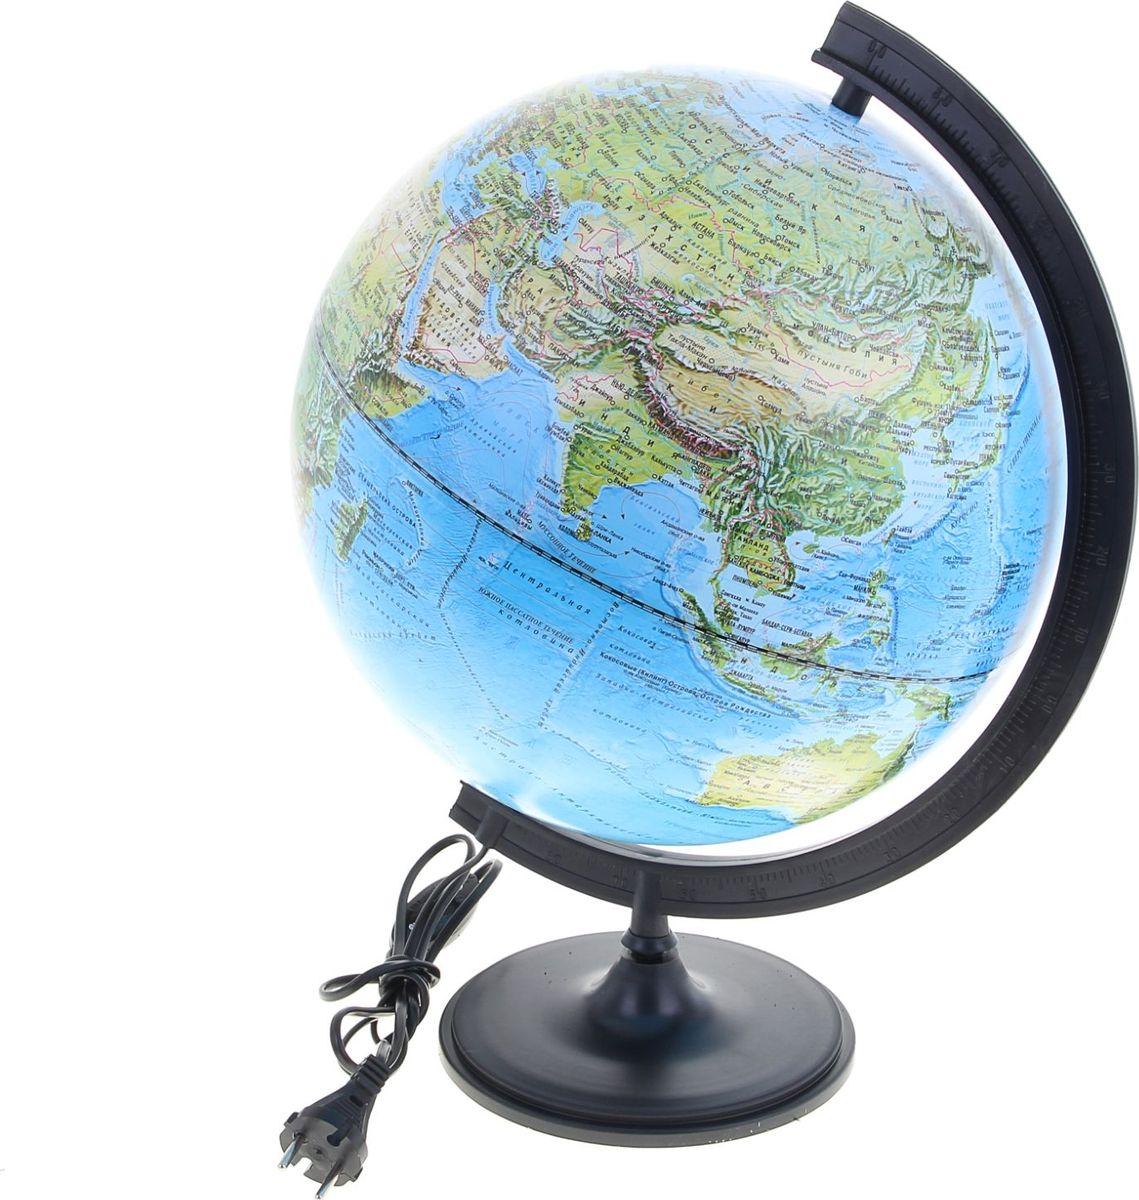 Глобусный мир Глобус ландшафтный с подсветкой диаметр 32 см1077871Глобус для всех, глобус каждому! Глобус — самый простой способ привить ребенку любовь к географии. Он является отличным наглядным примером, который способен в игровой доступной и понятной форме объяснить понятия о планете Земля. Также интерес к глобусам проявляют не только детки, но и взрослые. Для многих уменьшенная копия планеты заменяет атлас мира из-за своей доступности и универсальности. Умный подарок! Кому принято дарить глобусы? Всем! Глобус ландшафтный диаметр 320 мм, с подсветкой — это уменьшенная копия земного шара, в которой каждый найдет для себя что-то свое. путешественники и заядлые туристы смогут отмечать с помощью стикеров те места, в которых побывали или собираются их посетить деловые и успешные люди оценят такой подарок по достоинству, потому что глобус ассоциируется со статусом и властью преподаватели, ученые, студенты или просто неординарные личности также найдут для глобуса достойное место в своем доме. Итак, спешите заказать...